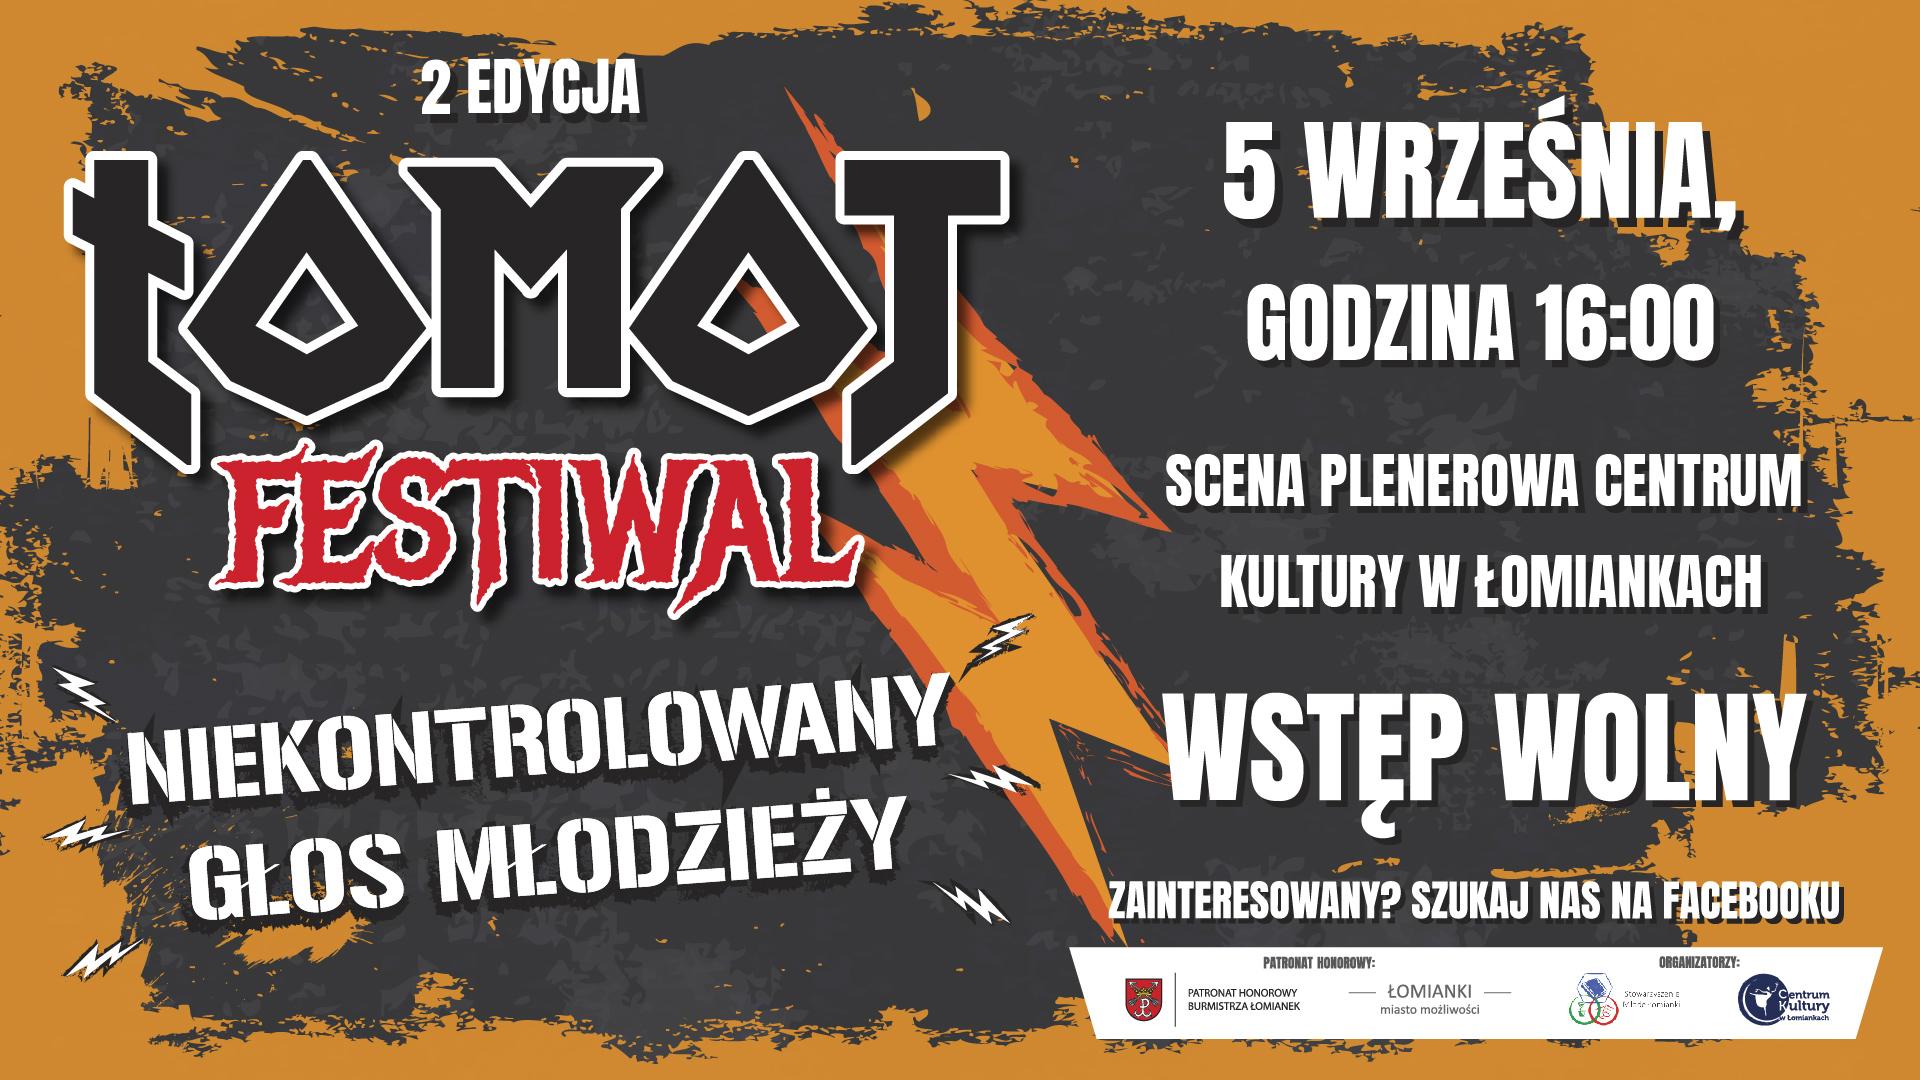 Festiwal ŁOMOT. Inicjatywa główna SMŁ